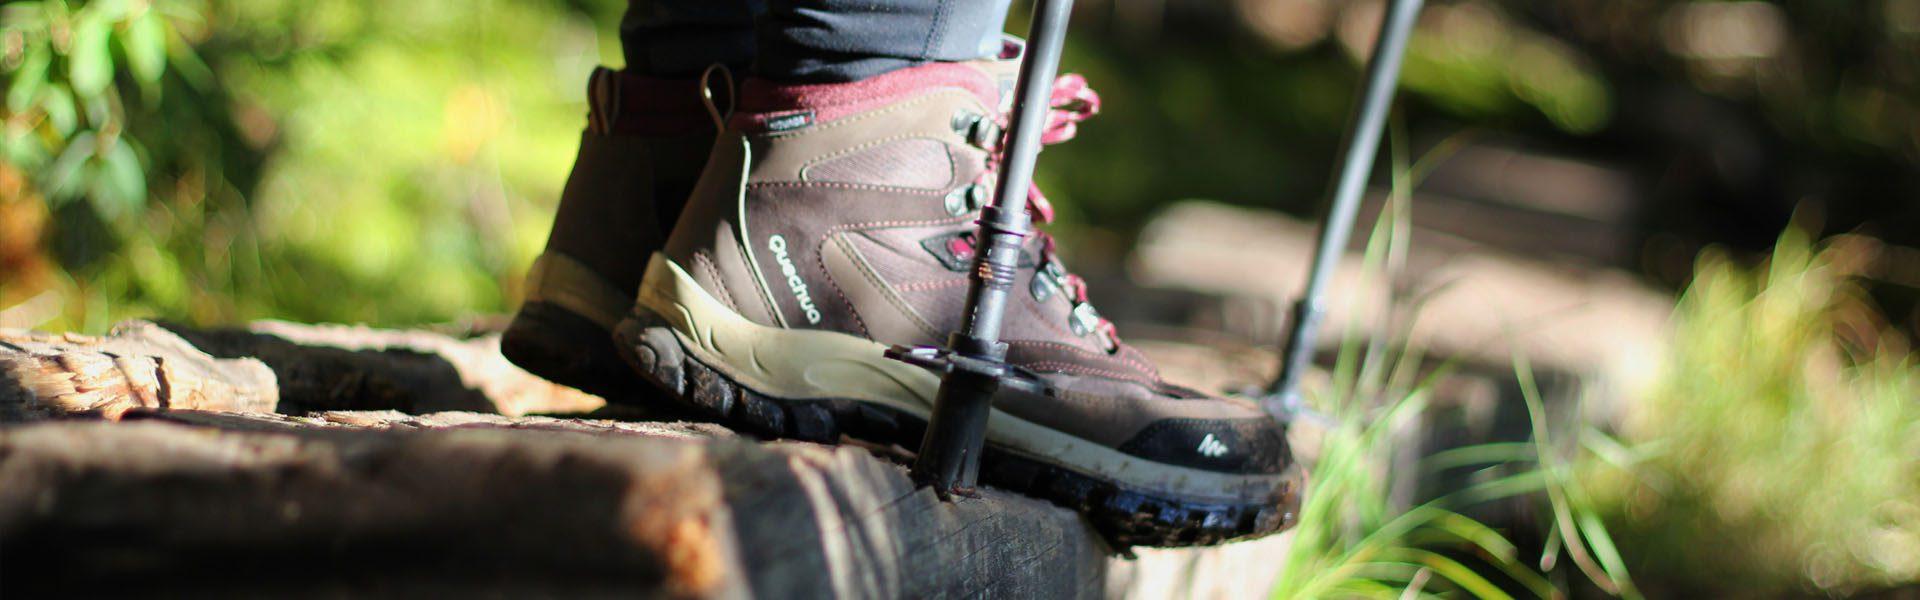 Catamount_Trails_Summer_Header